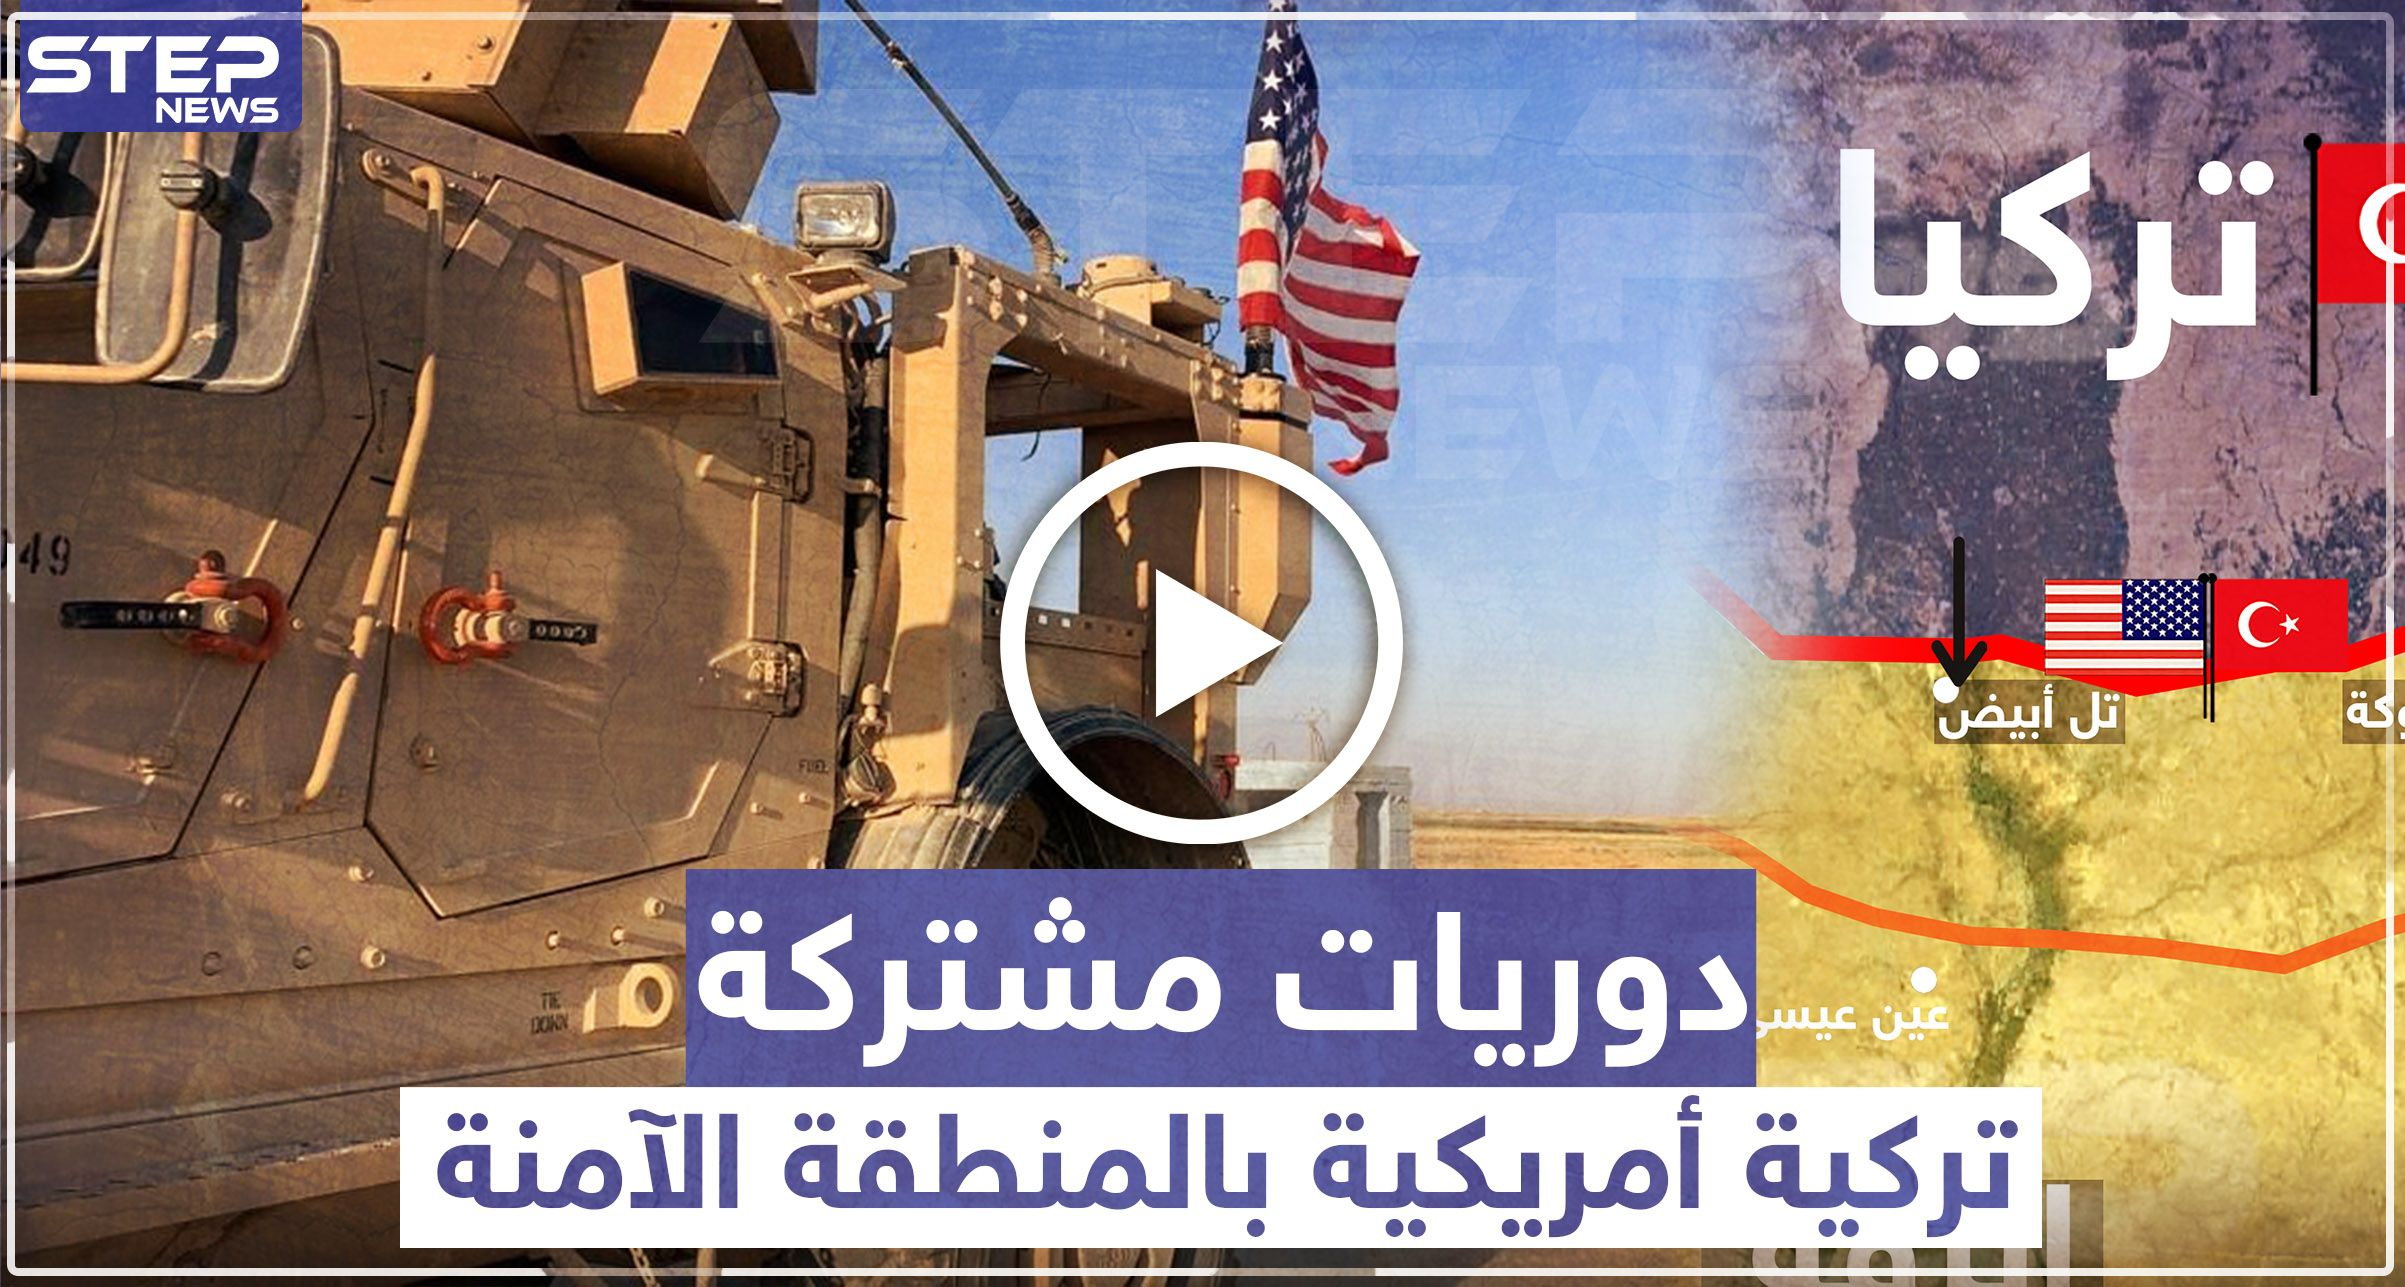 أعلنت تركيا صباح اليوم الأحد بدء تسيير أول دورية بري ة مشتركة بين الجيشين التركي والأمريكي في مناطق شرق الفرات في سوري Ashley Johnson Karen Page Selina Kyle